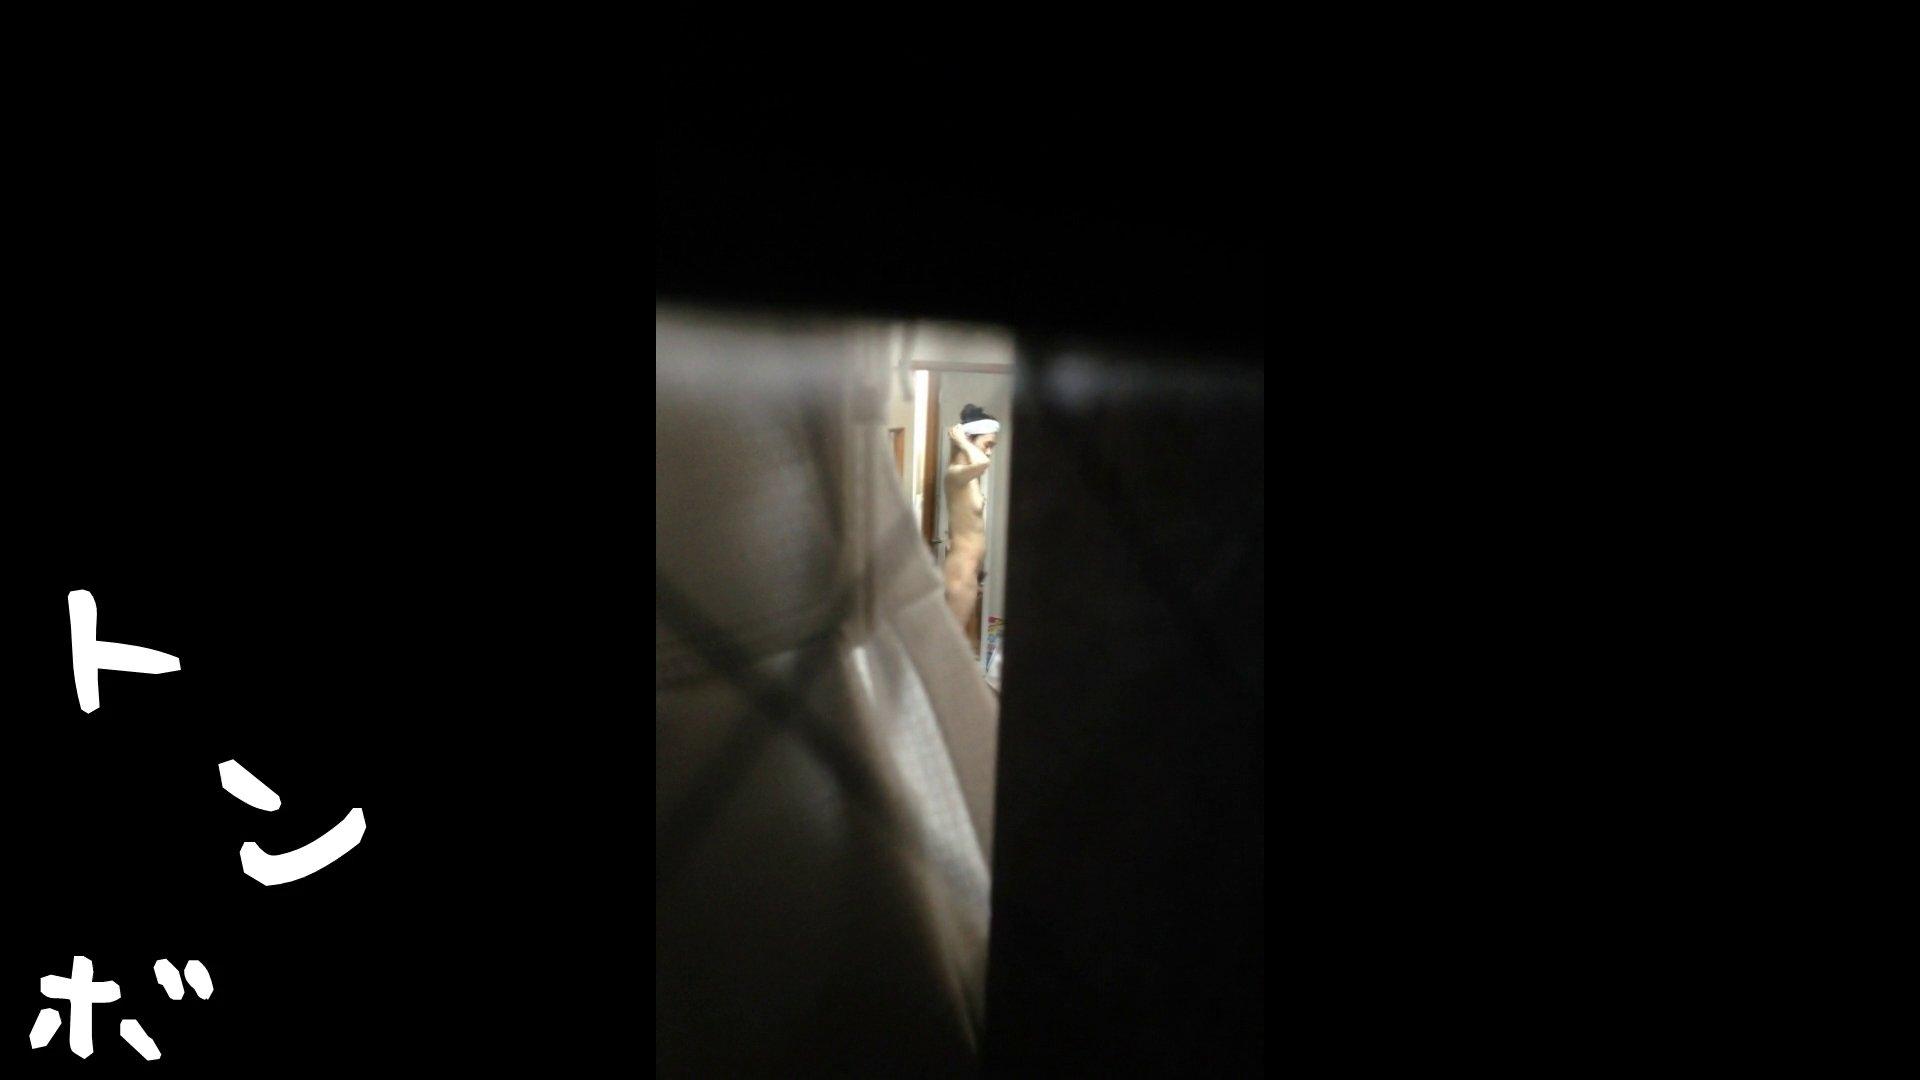 【リアル盗撮】元ジュディマリのYIUKI似 某歌手丸秘ヌード 潜入エロ調査   美女達のヌード  61連発 7